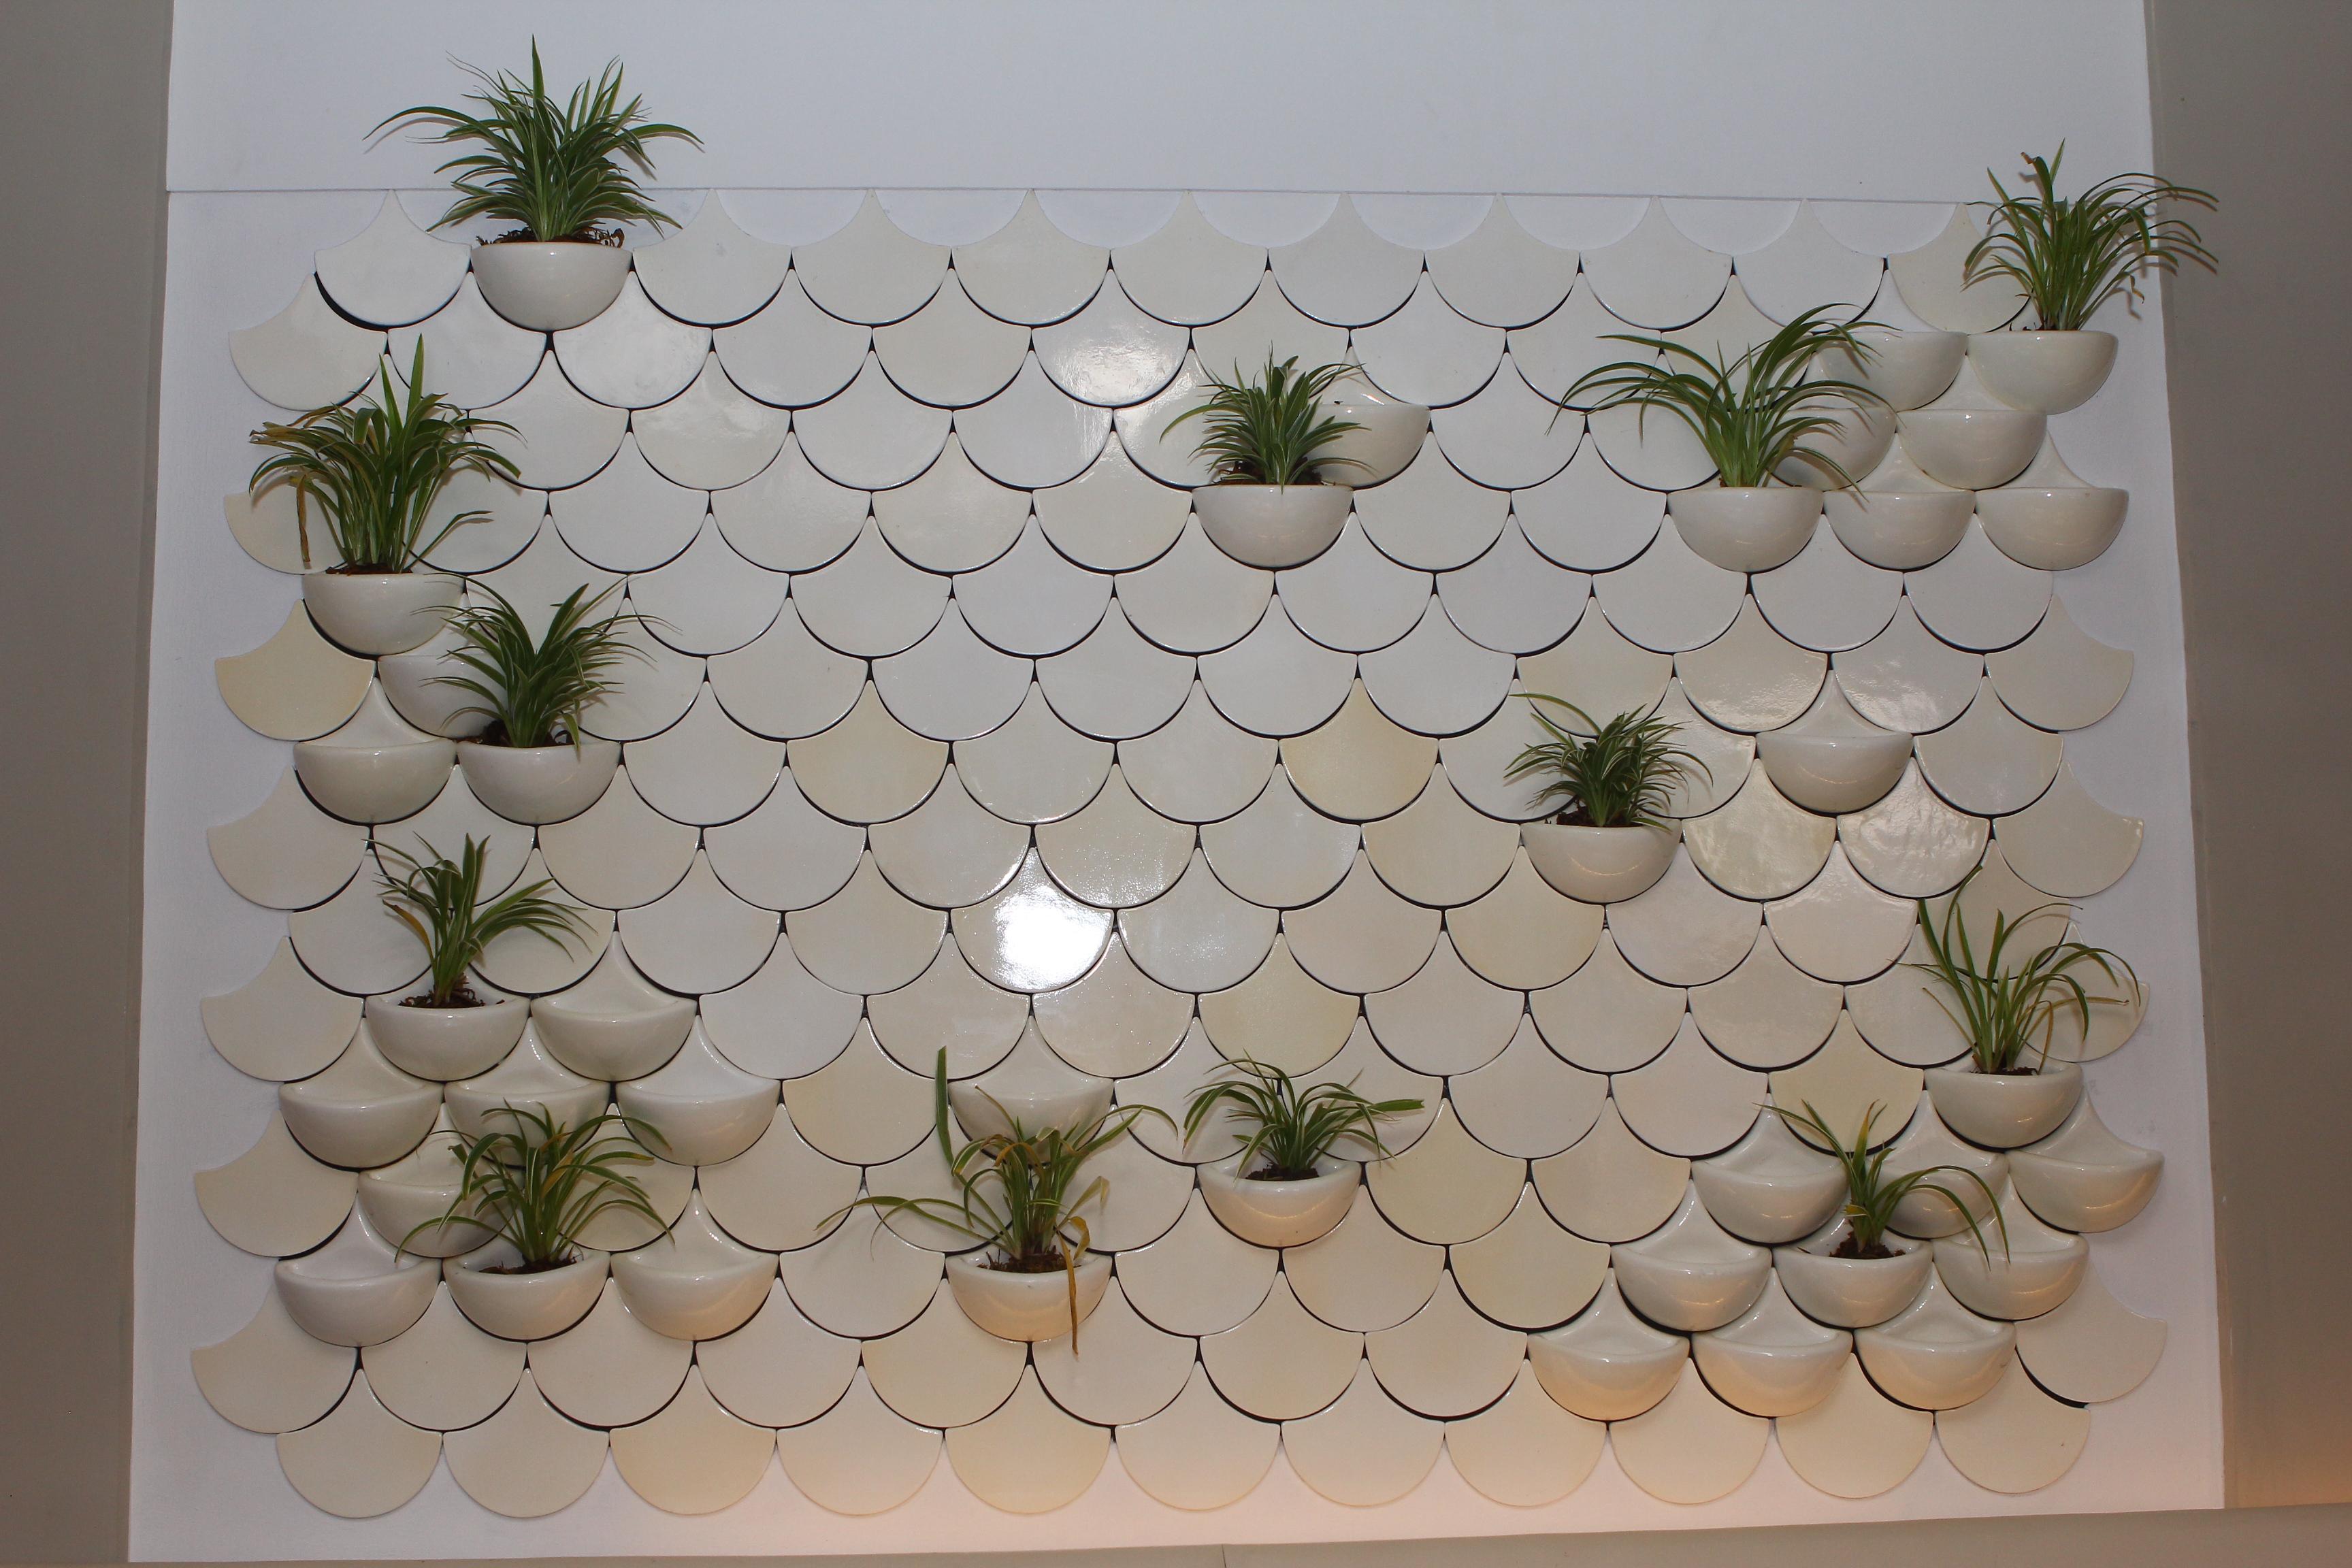 Planter Wall Tiles Home Design